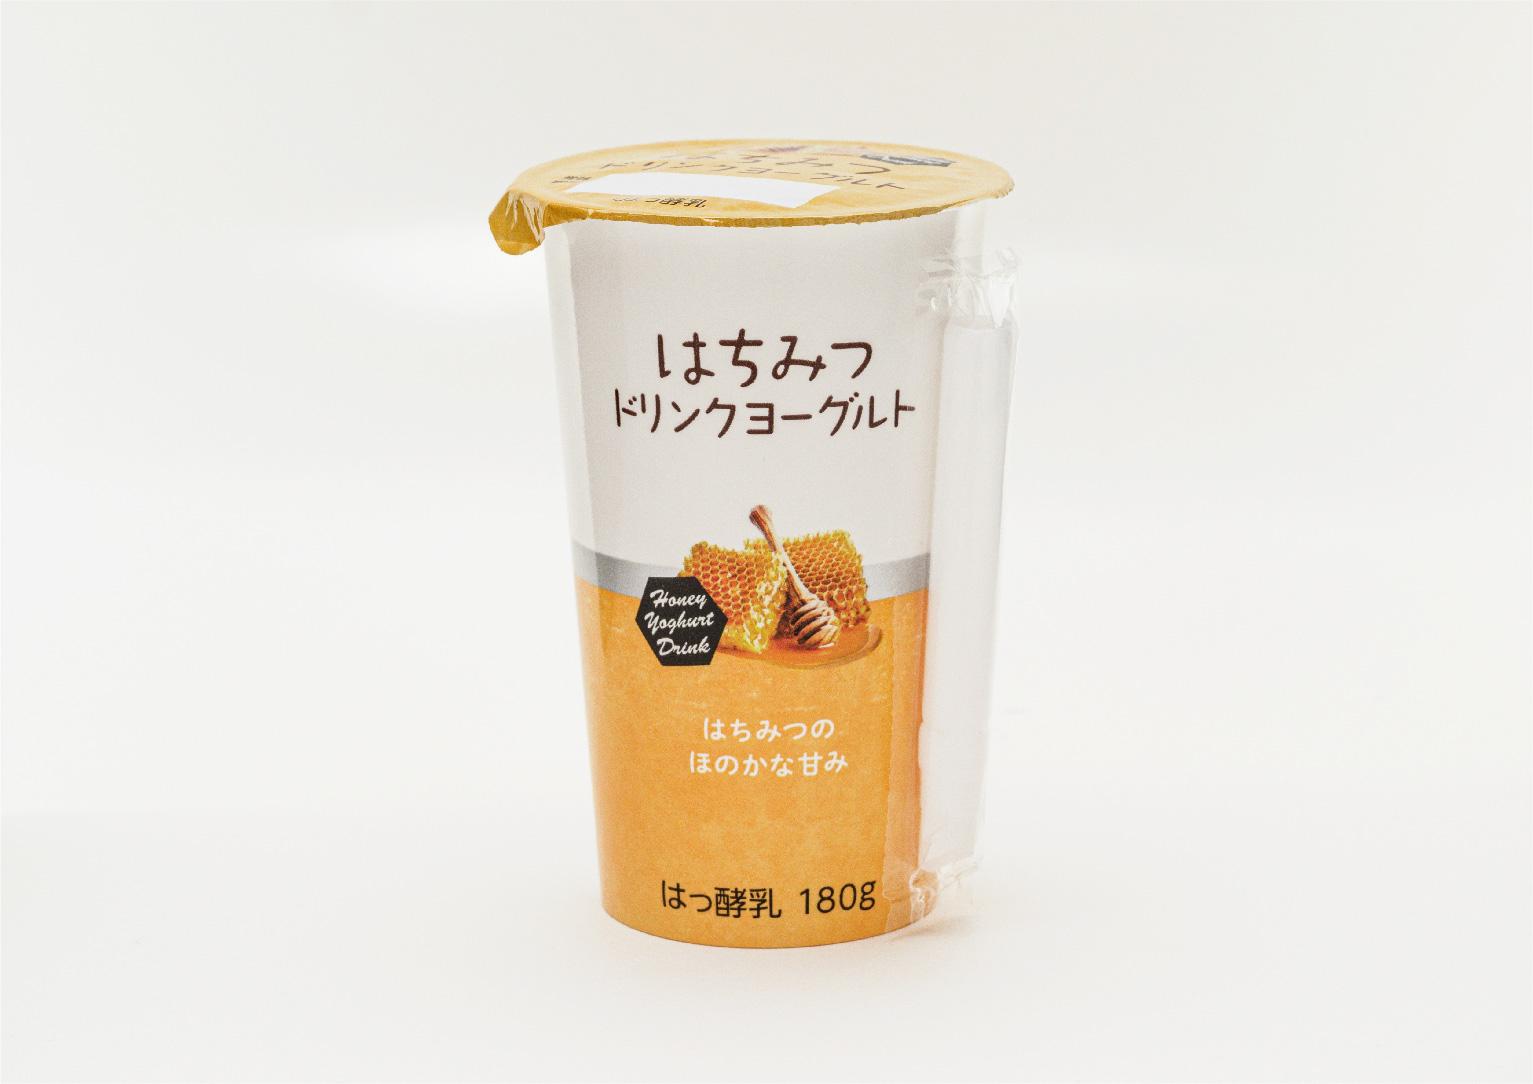 長野県農協直販株式会社様 イメージ2